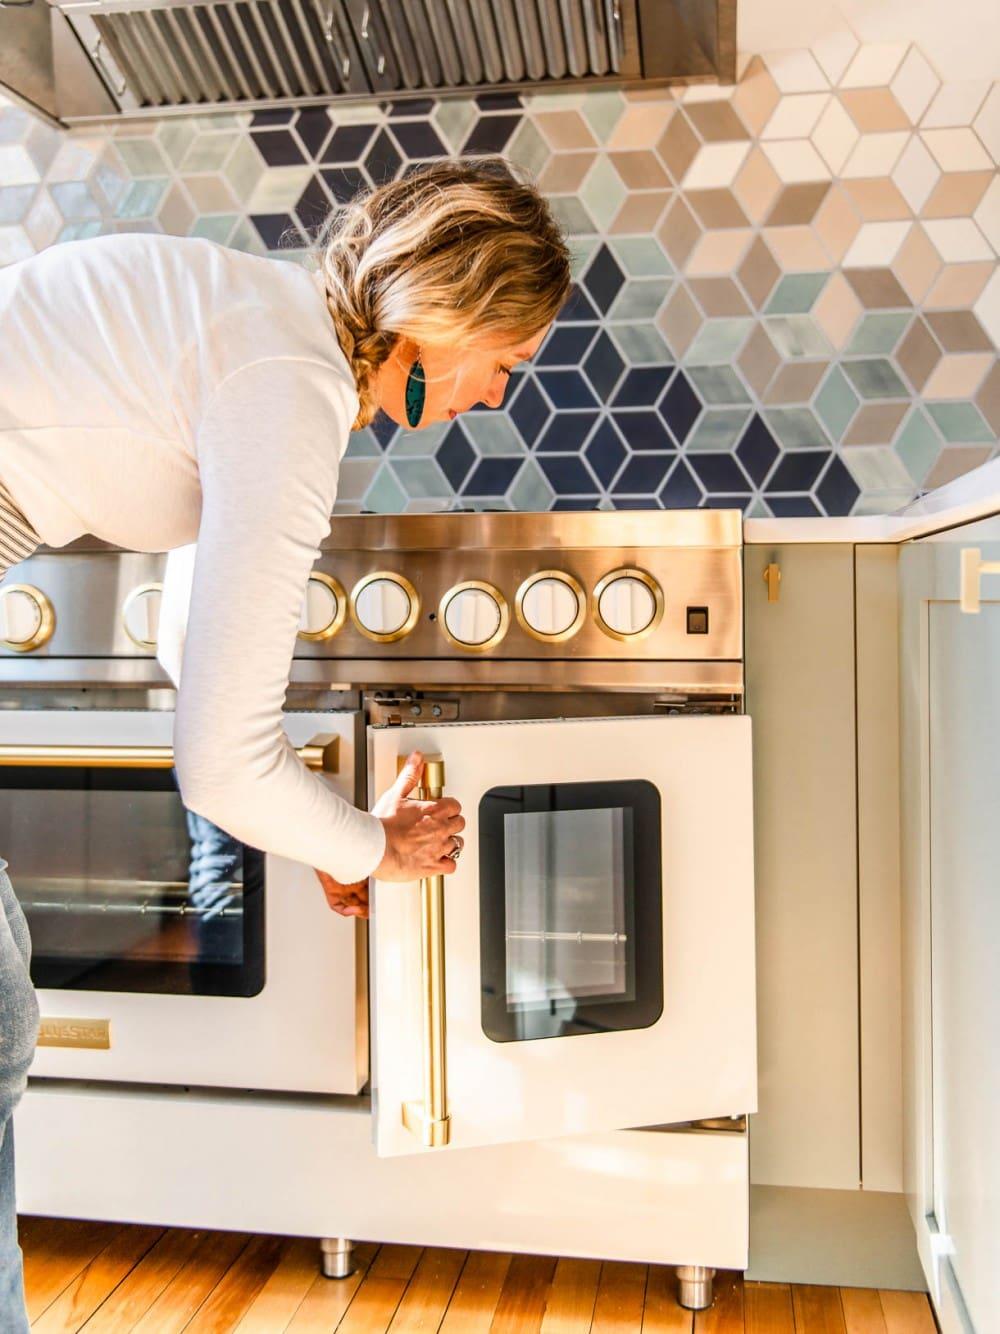 opening french door of oven